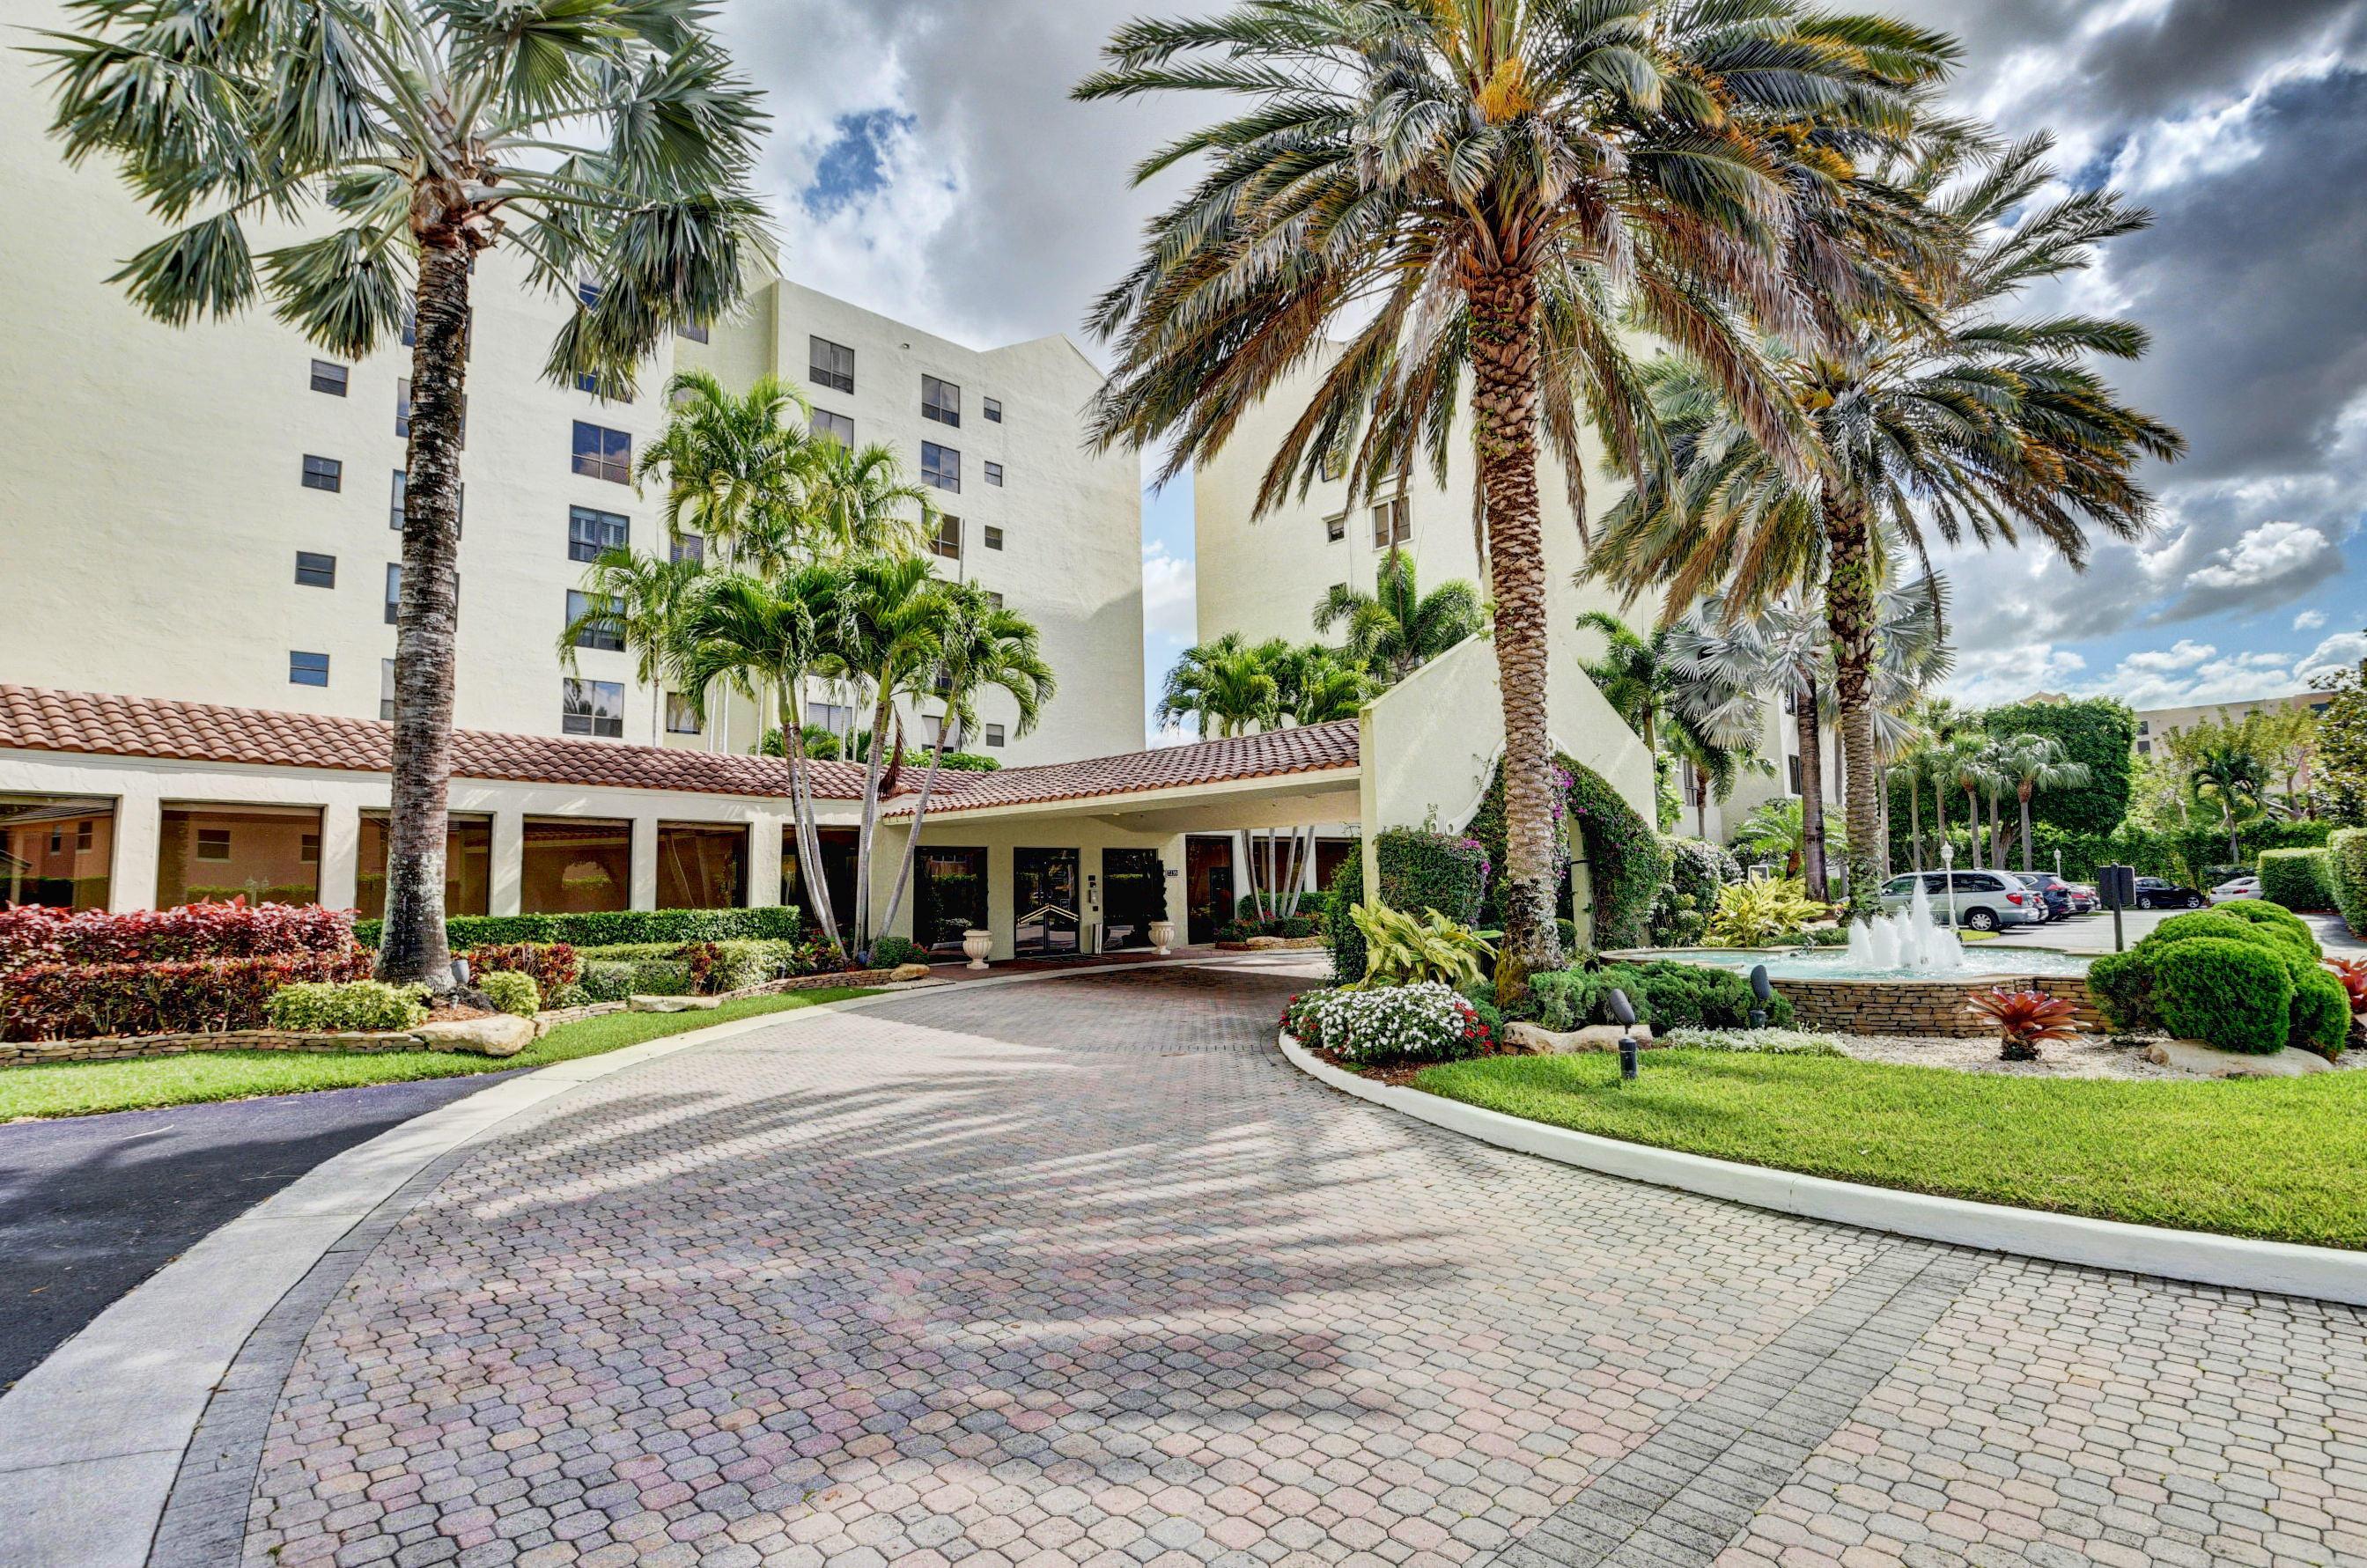 Photo of 7235 Promenade Drive #302, Boca Raton, FL 33433